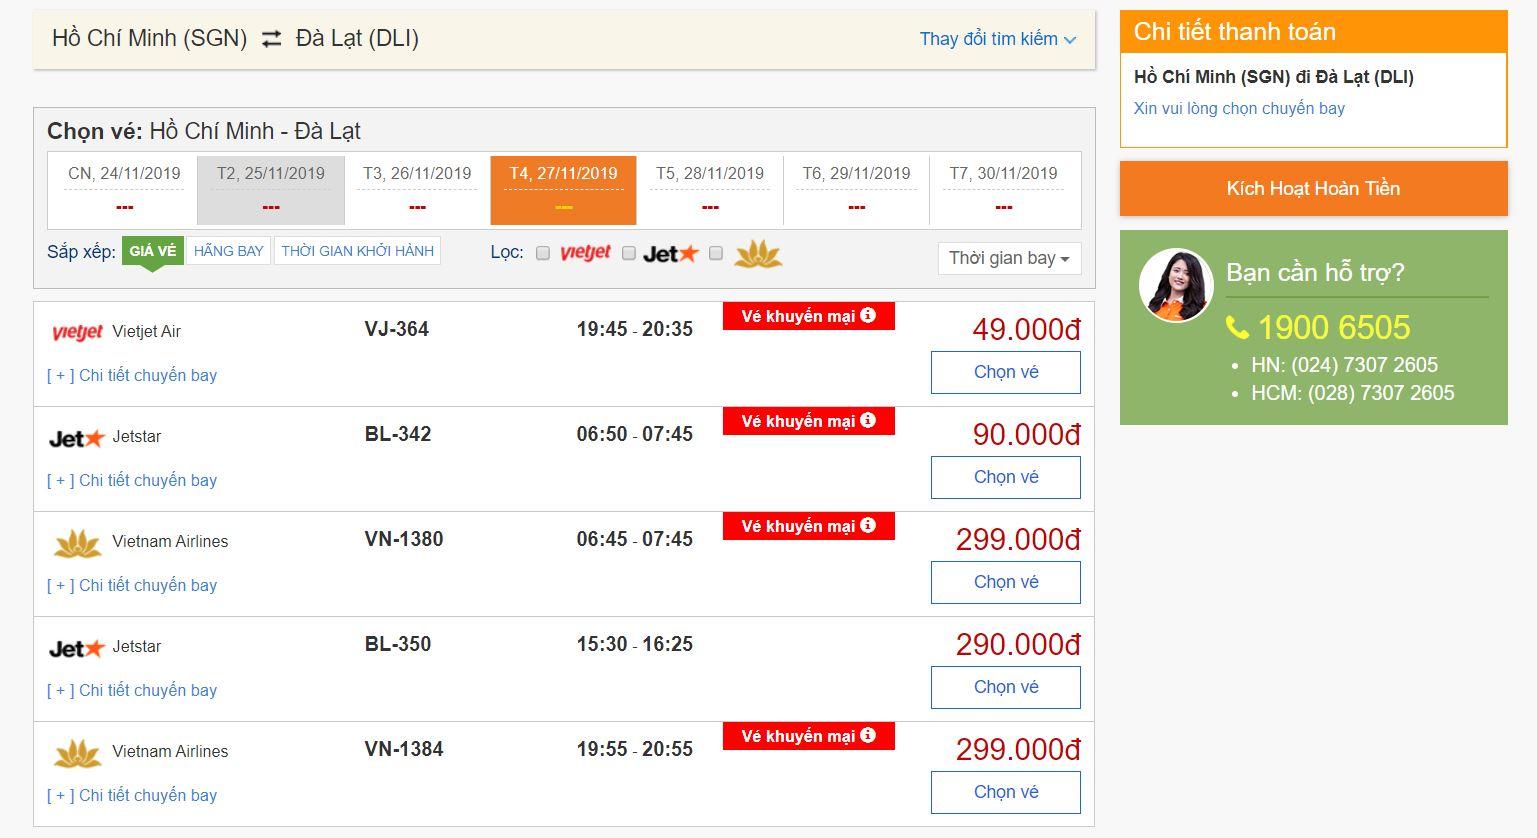 Khuyến mãi vé máy bay giá rẻ đi Đà Lạt chỉ từ 49k